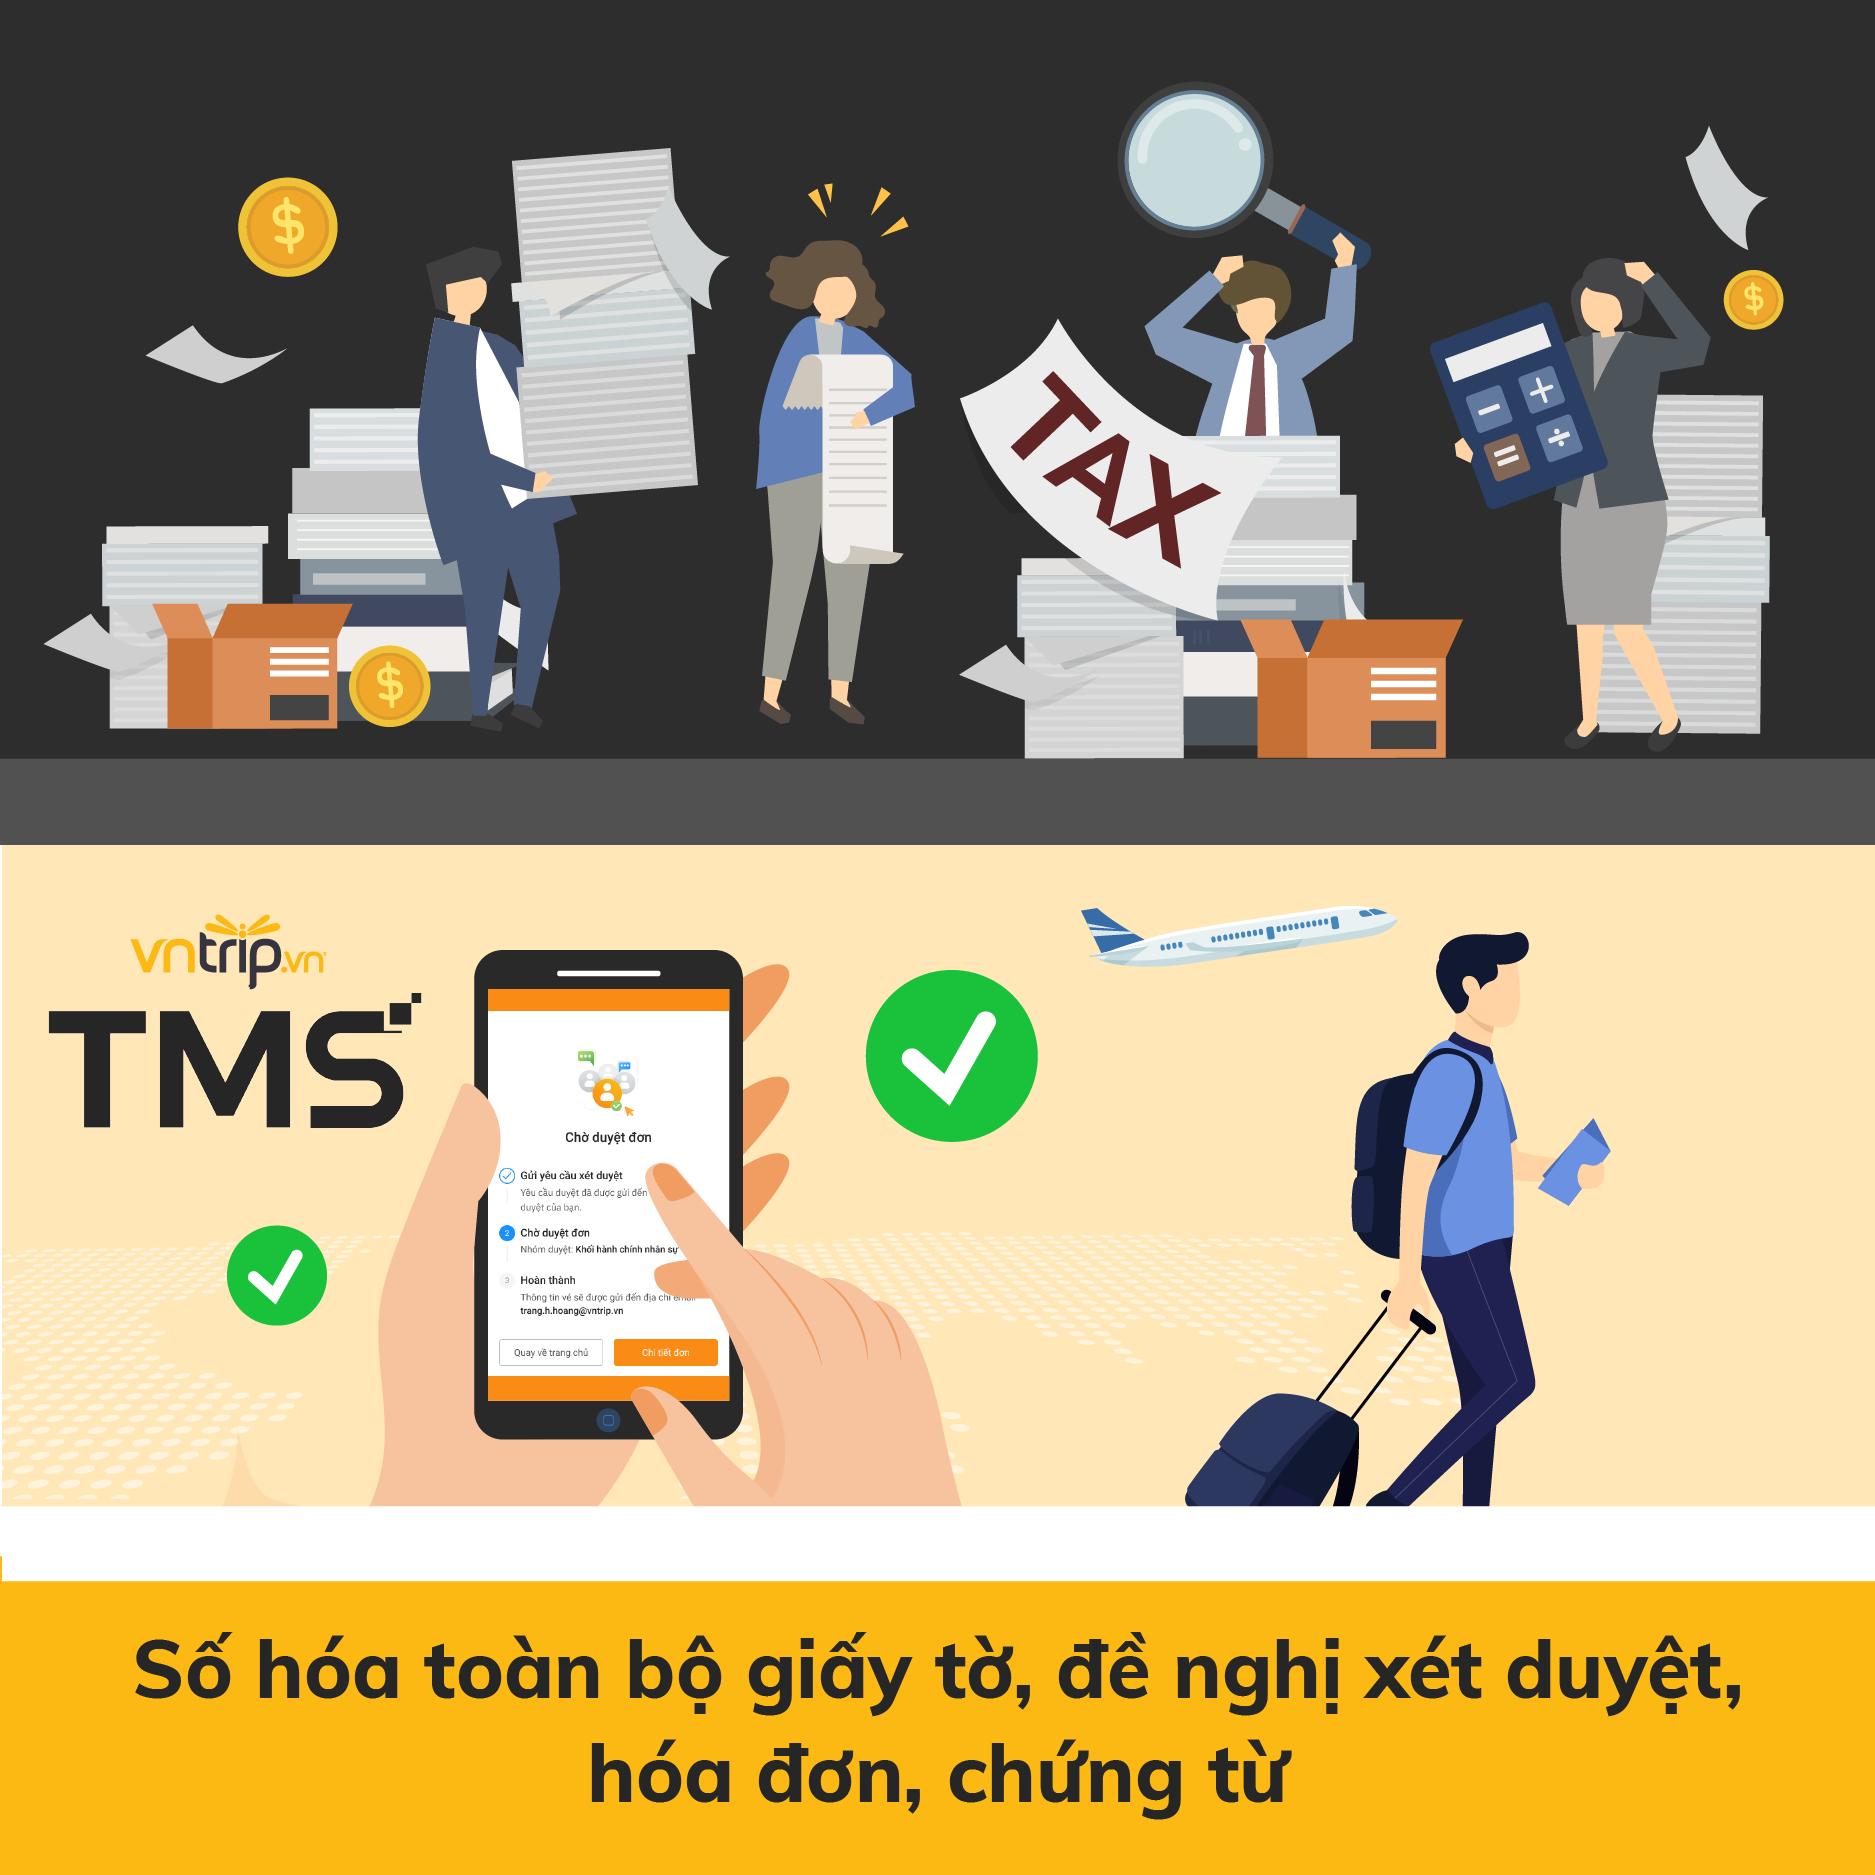 TMS loại bỏ những giấy tờ phức tạp trong các bước phê duyệt